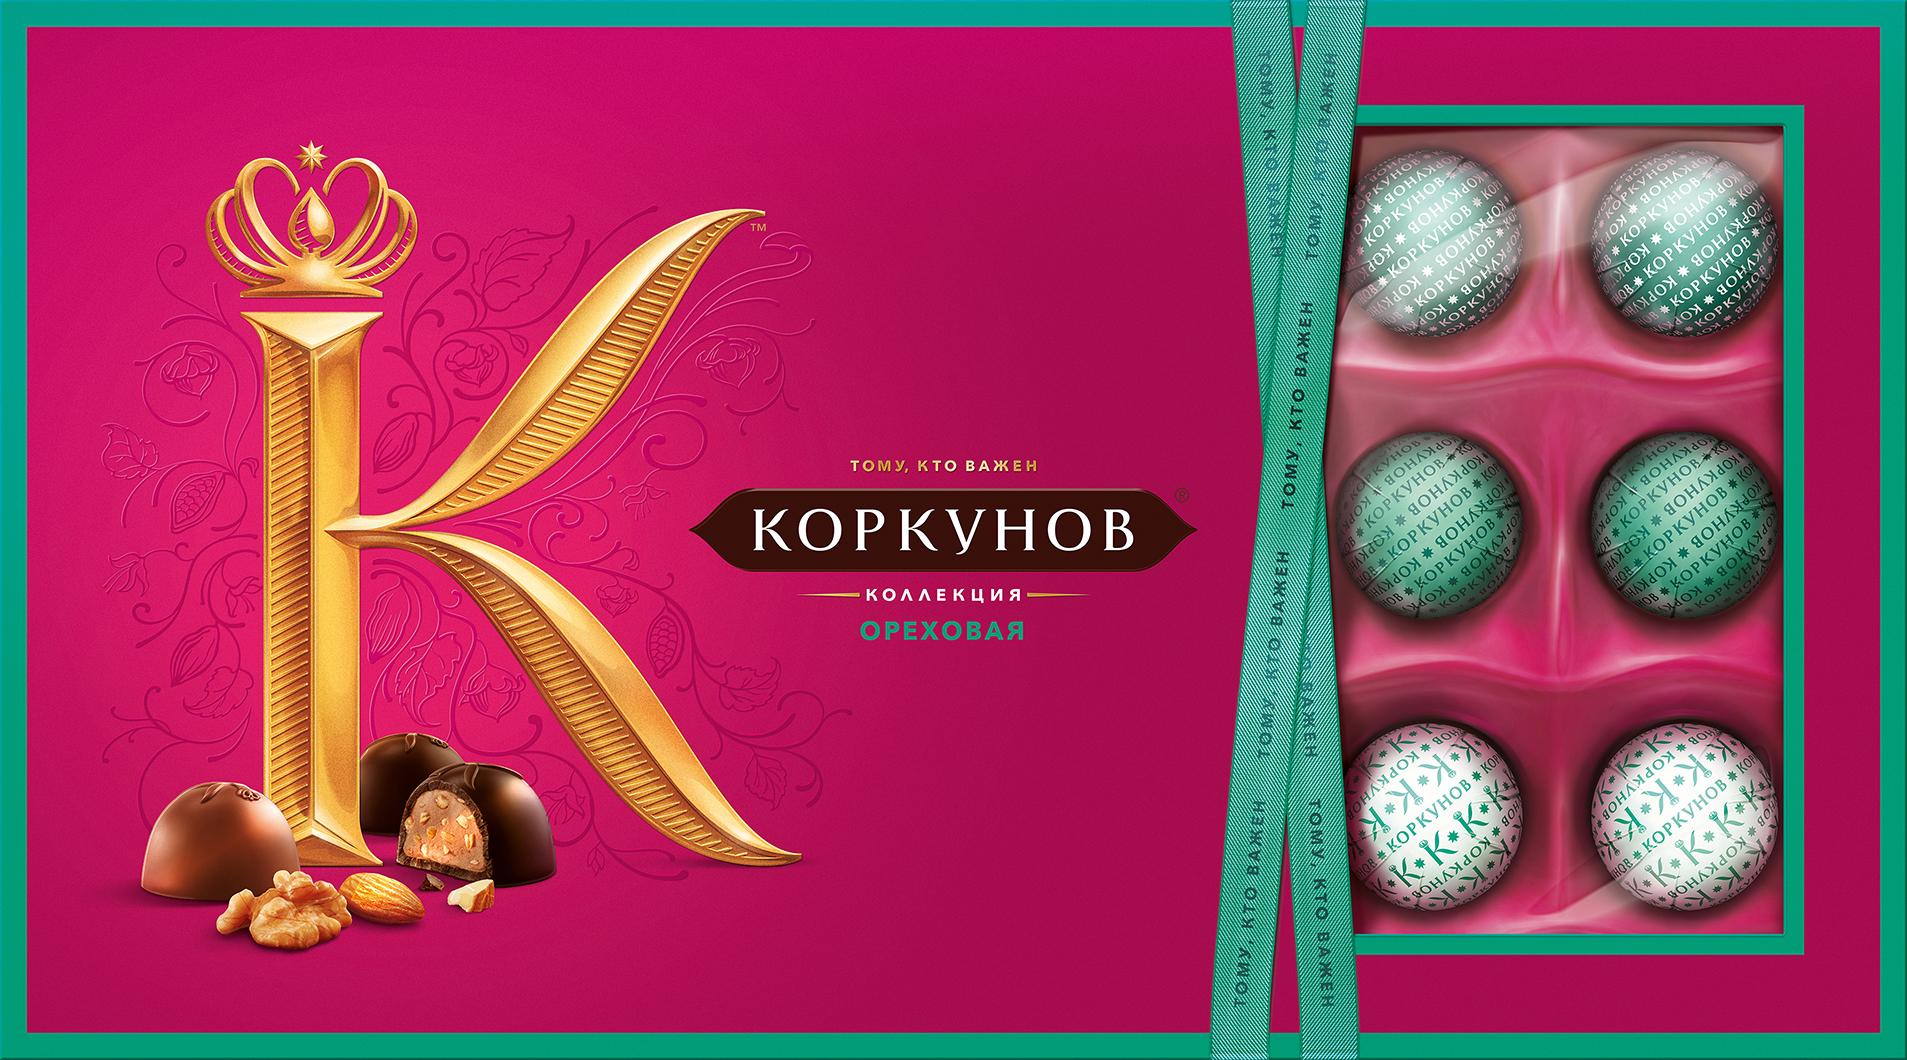 Набор конфеты  А.Коркунов  ореховая коллекция 192гр.